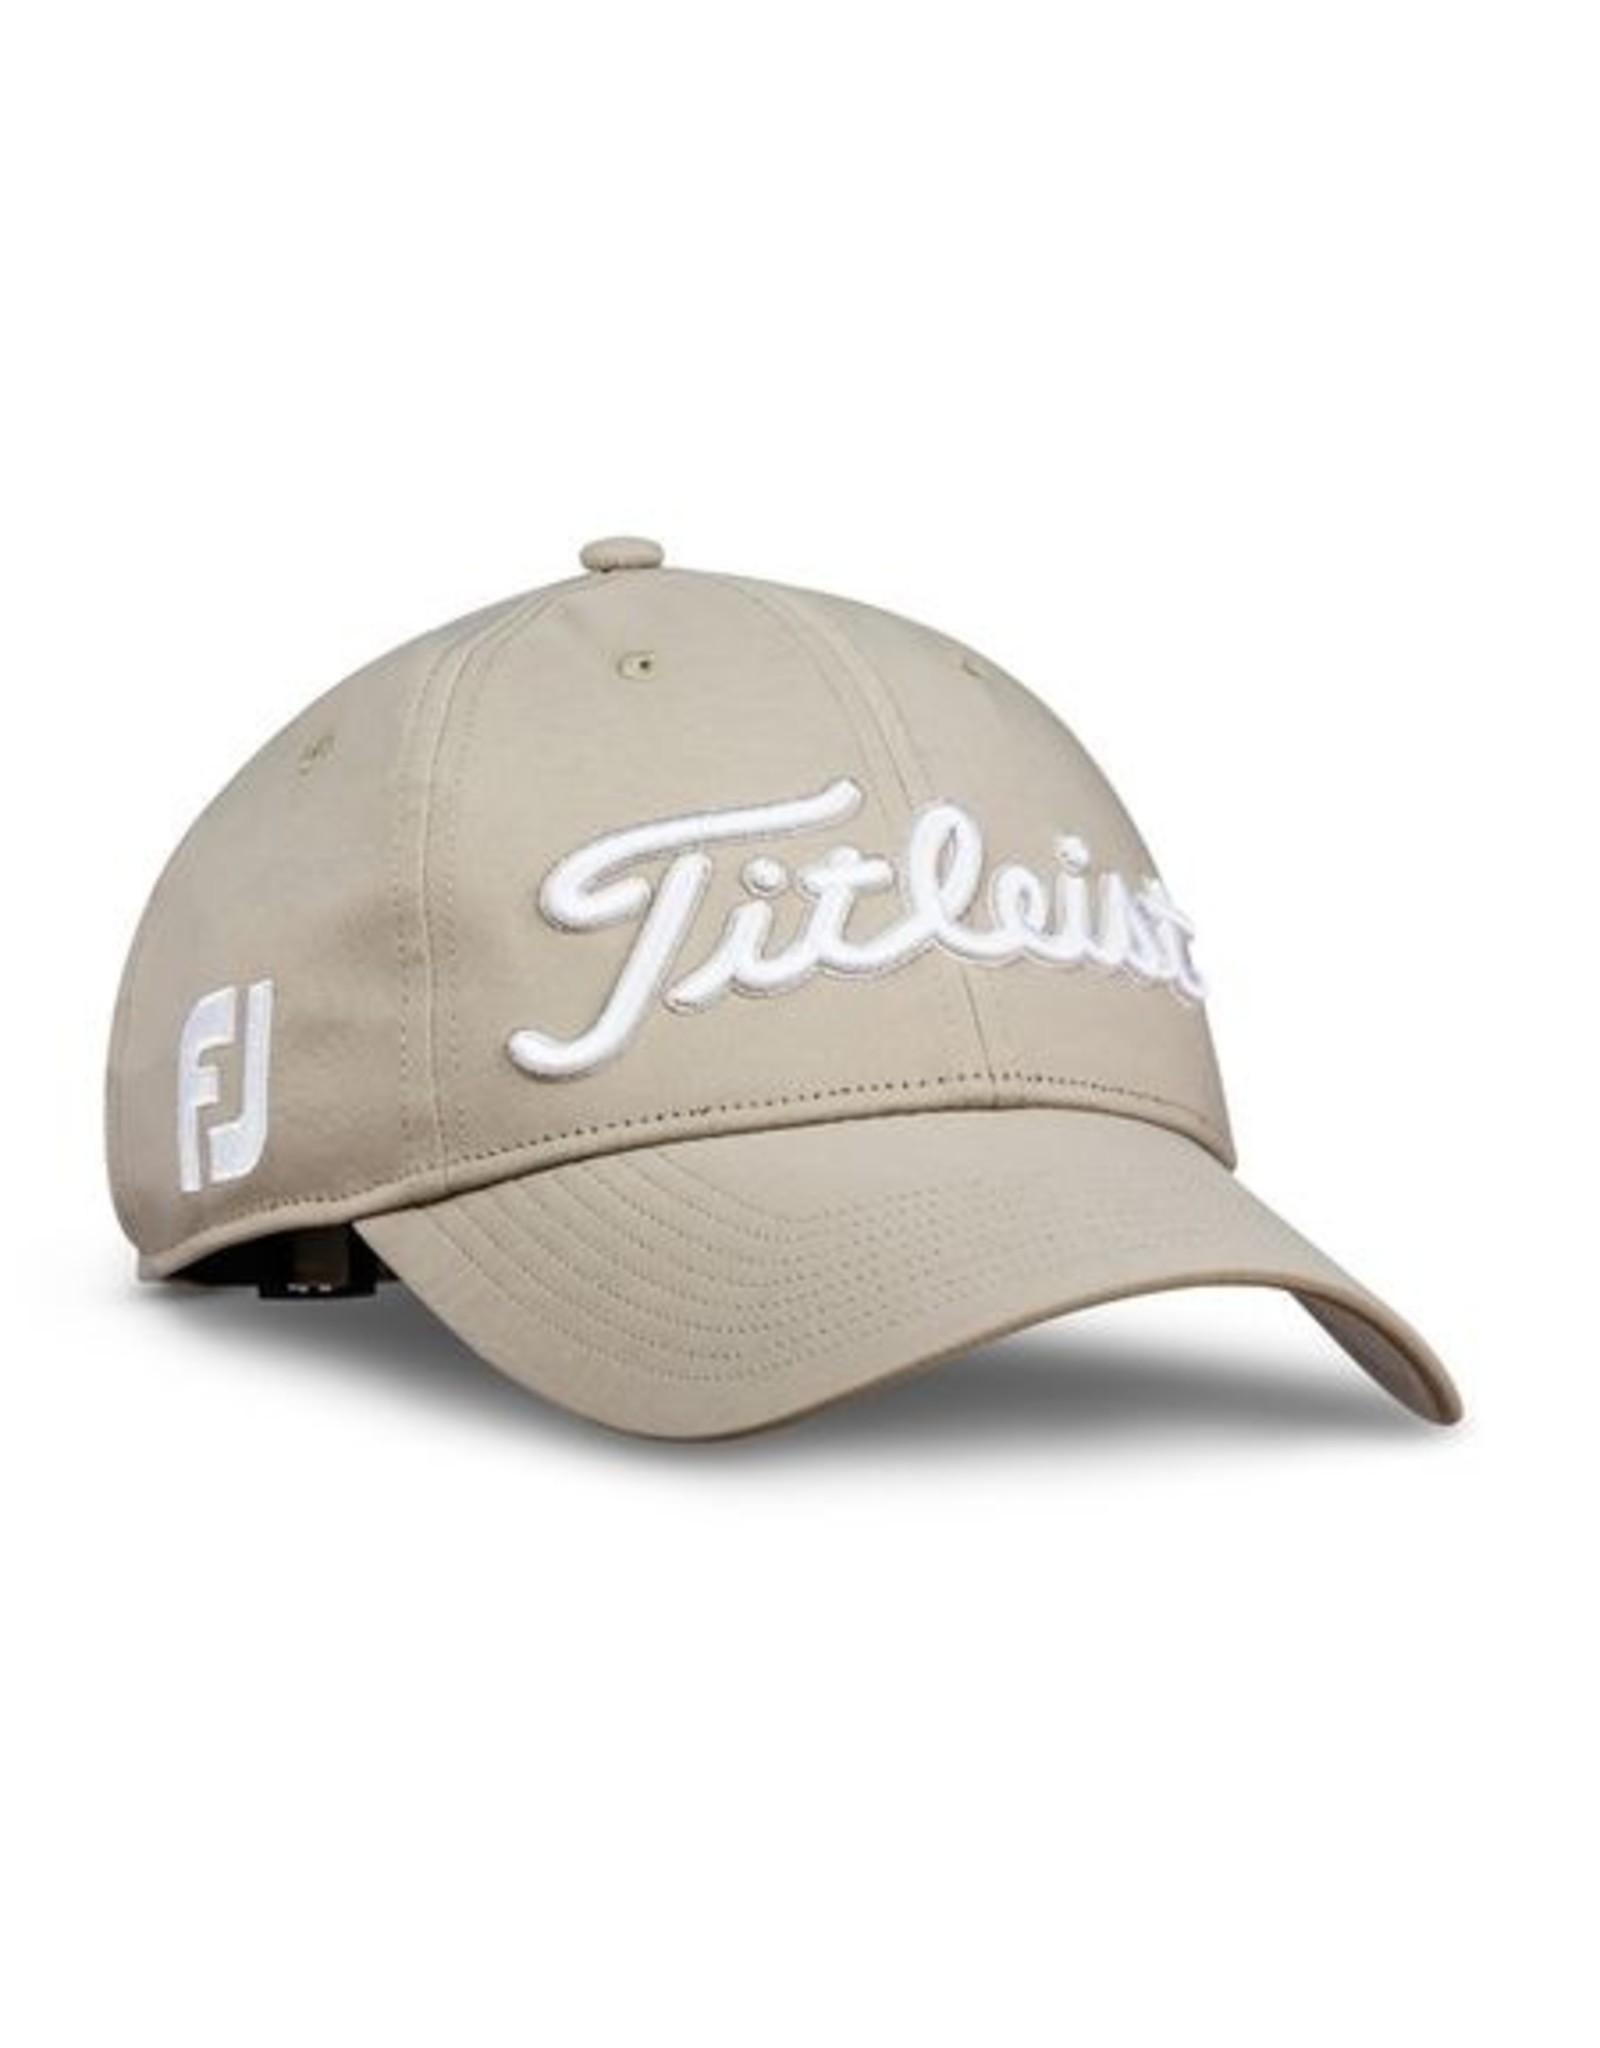 Titleist Titleist Junior Hat